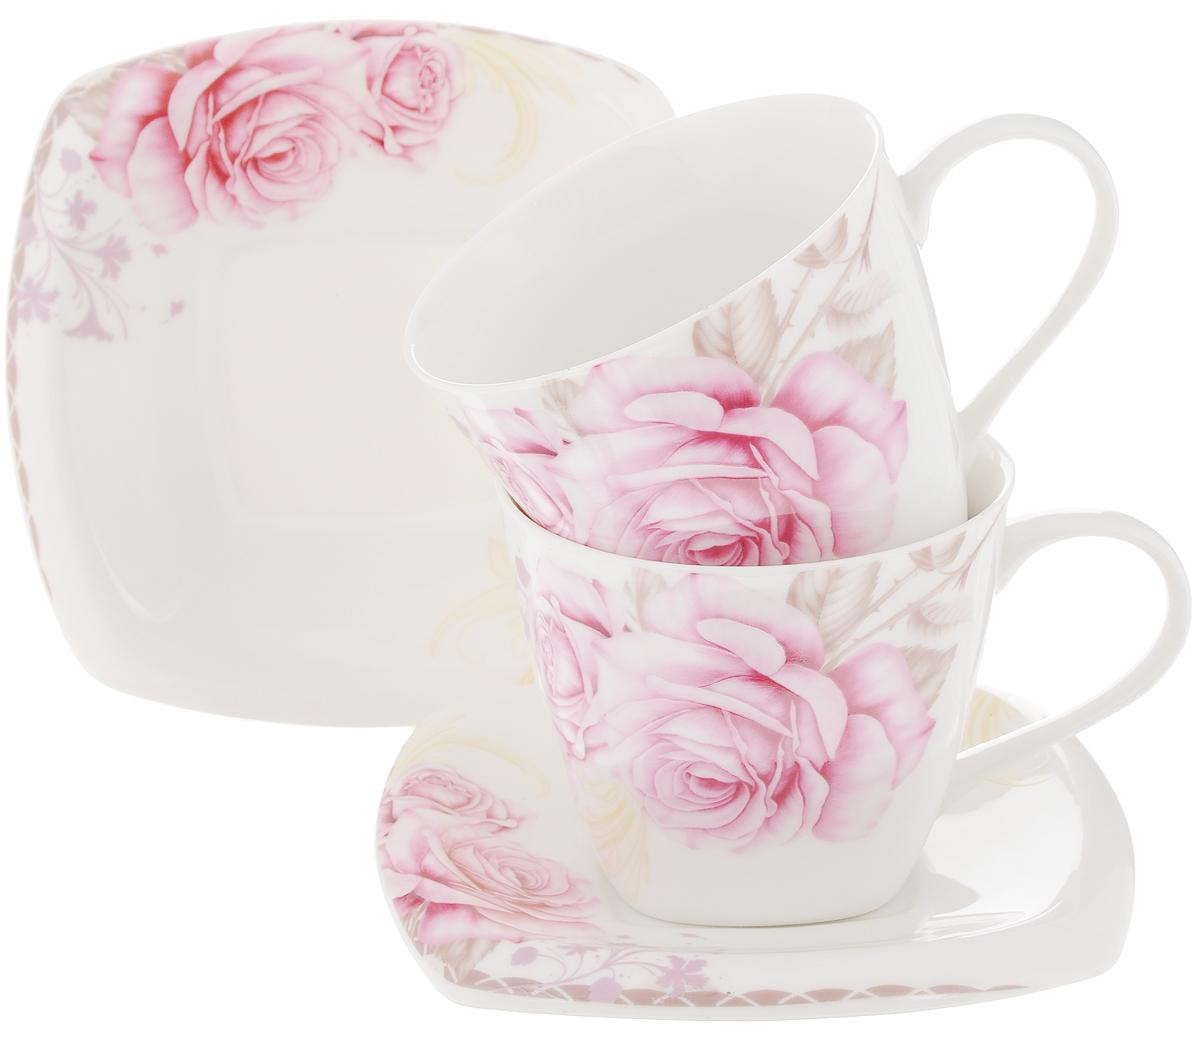 Набор чайный Patricia Розовые розы, 4 предмета115610Чайный набор Patricia Розовые розы, выполненный из высококачественного фарфора, состоит из 2 чашек и 2 блюдец. Предметы набора декорированы изысканным изображением роз. Изделия прекрасно подойдут как для повседневного использования, так и для праздников. Набор Patricia Розовые розы - это не только яркий и полезный подарок для родных и близких, но и великолепное дизайнерское решение для вашей кухни или столовой. Набор имеет подарочную упаковку, задрапированную белой атласной тканью. Можно мыть в посудомоечной машине и использовать в микроволновой печи. Объем чашки: 220 мл. Диаметр чашки (по верхнему краю): 8,5 см. Высота чашки: 7,2 см. Размер блюдца: 13 х 13 см.Высота блюдца: 1,9 см.